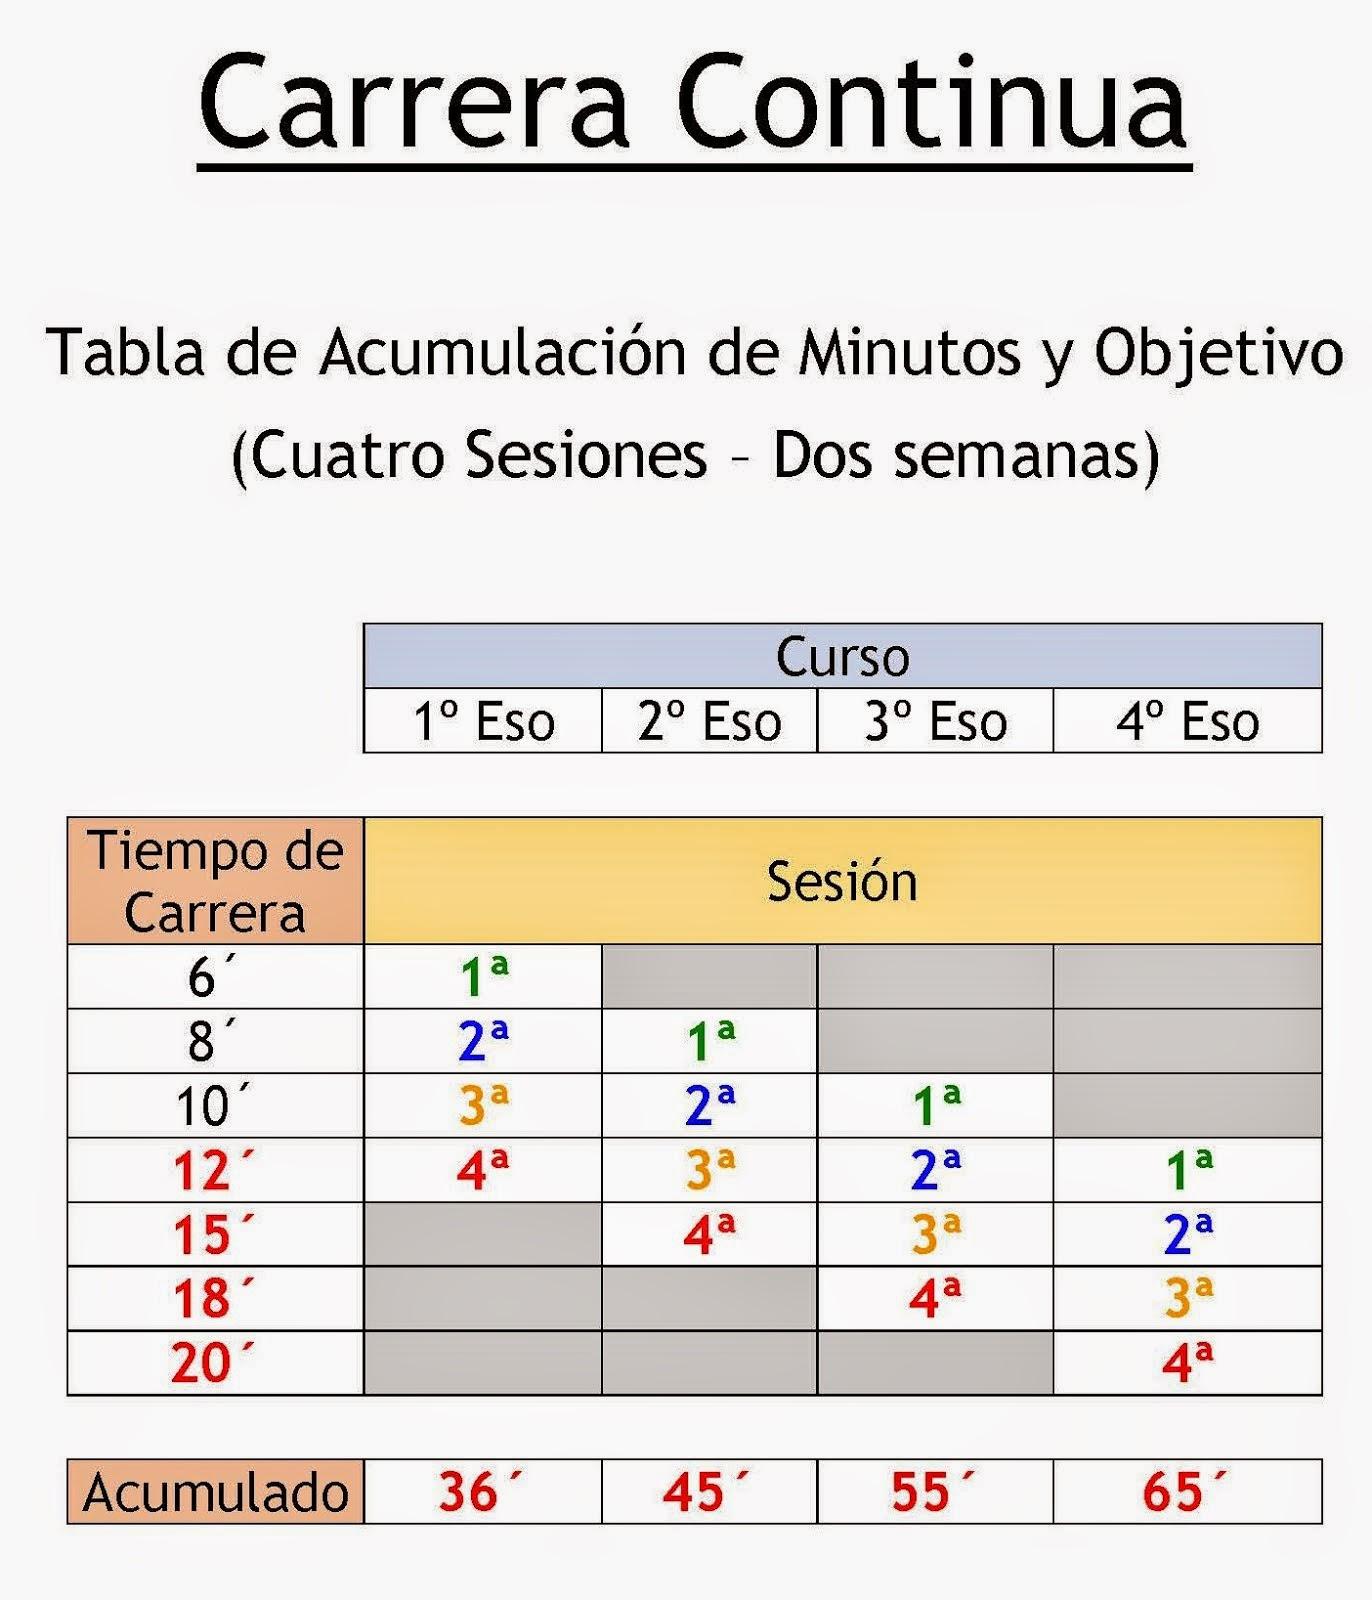 Carrera_Continua Tabla_de_Tiempos